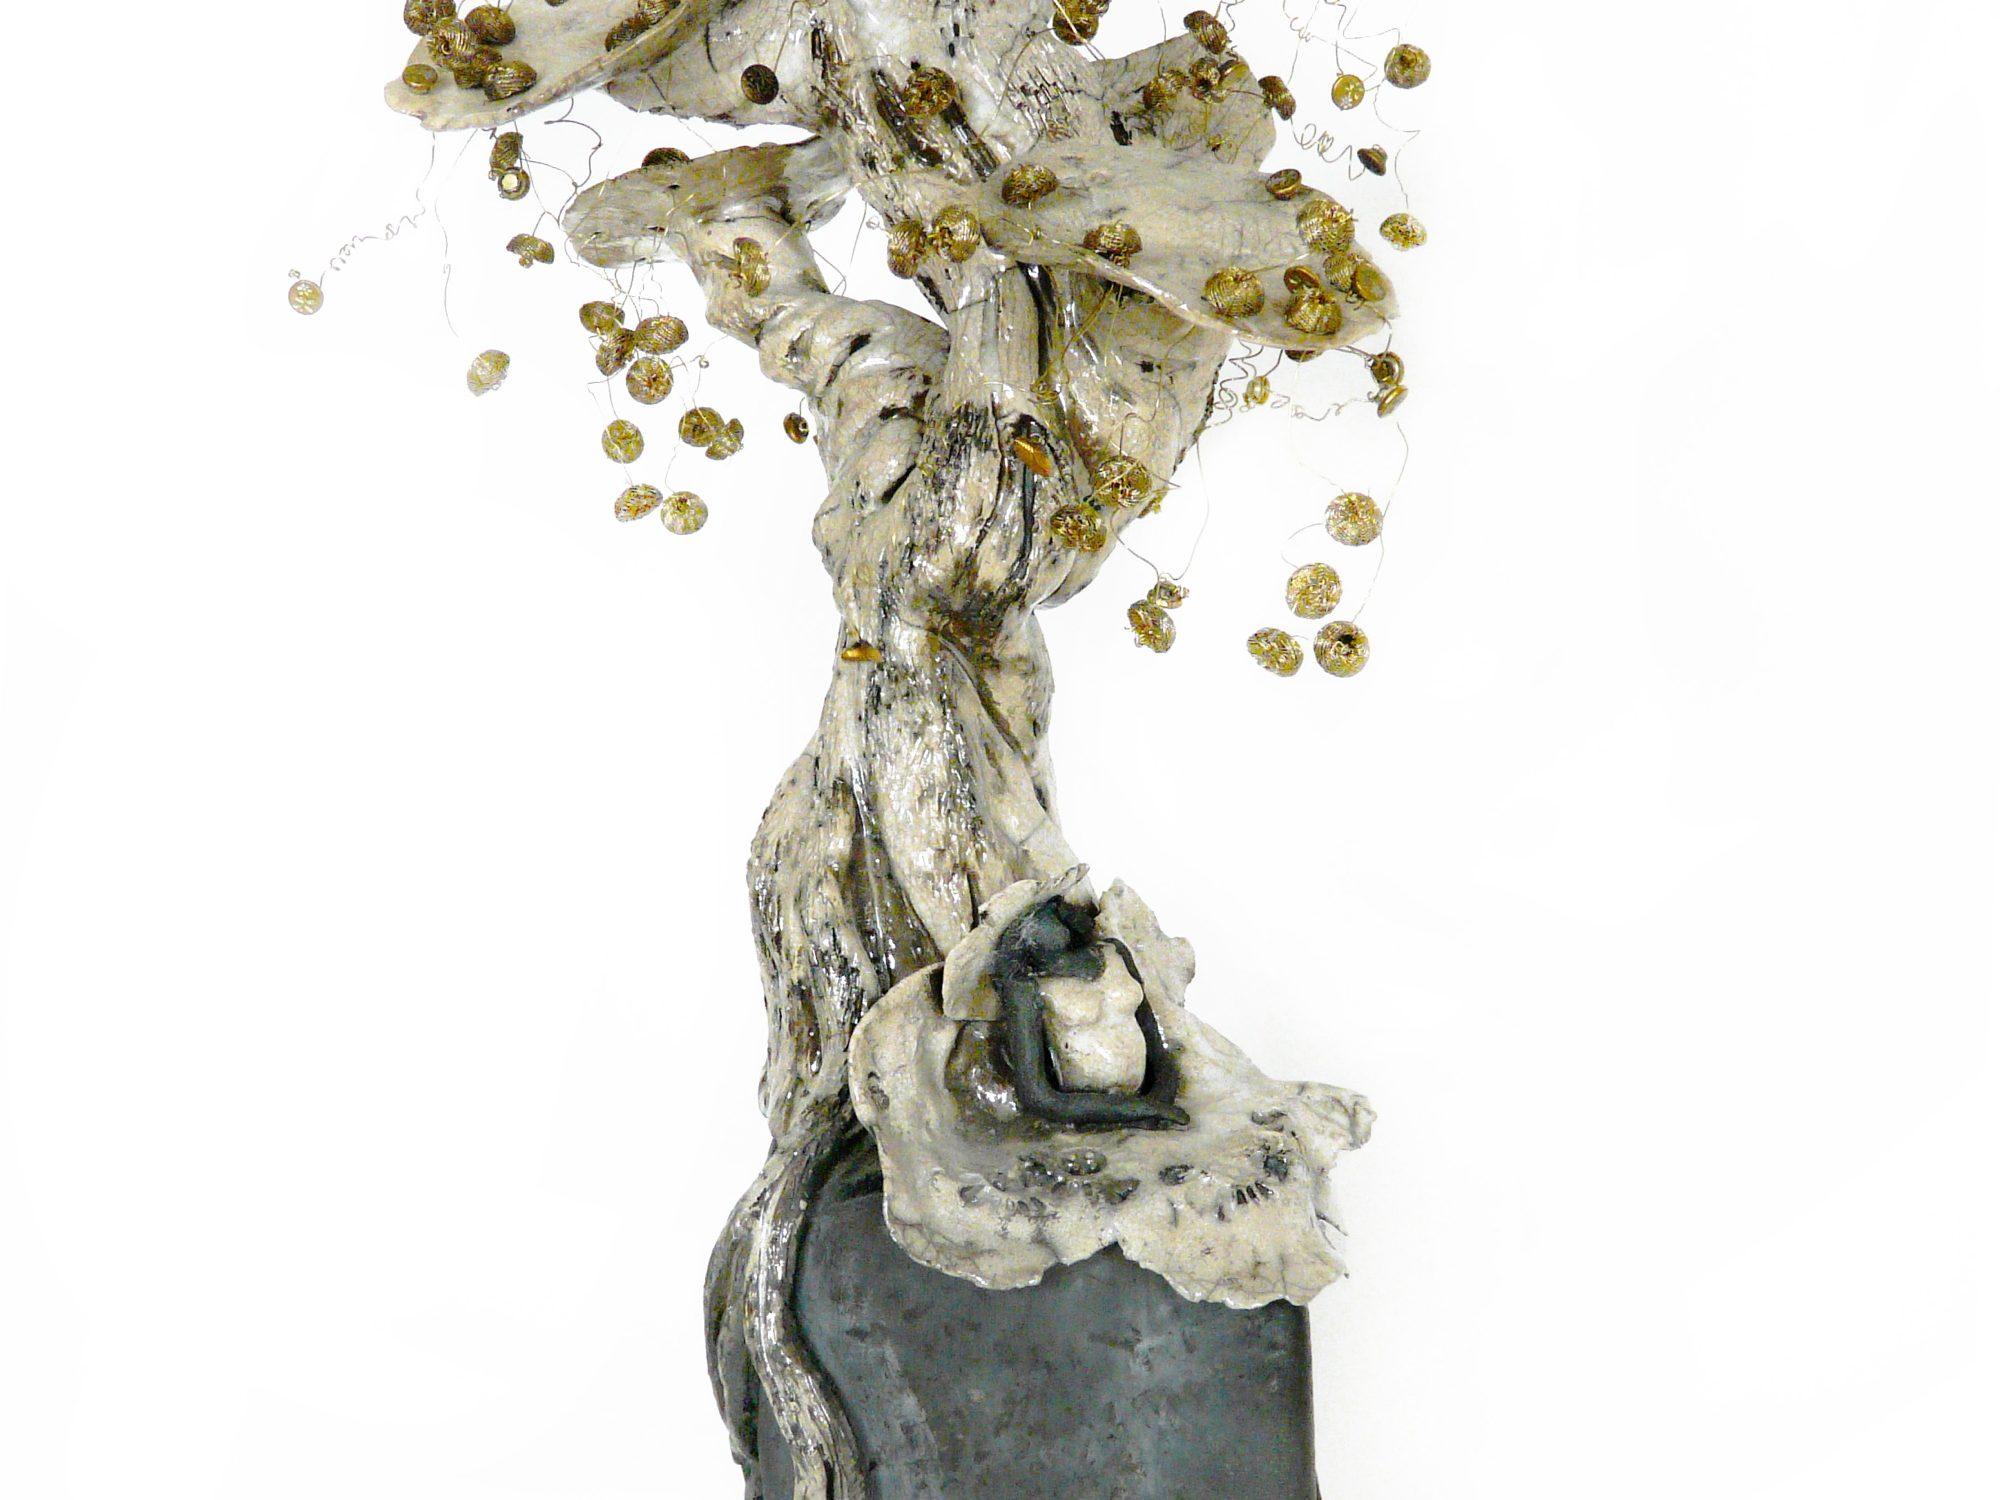 Petite pause sous le Bouton d'or en fleurs - Grès - Raku - Boutons ornementaux brodés en fil d'or du XIXème - Sculptures céramique de Florence Lemiegre